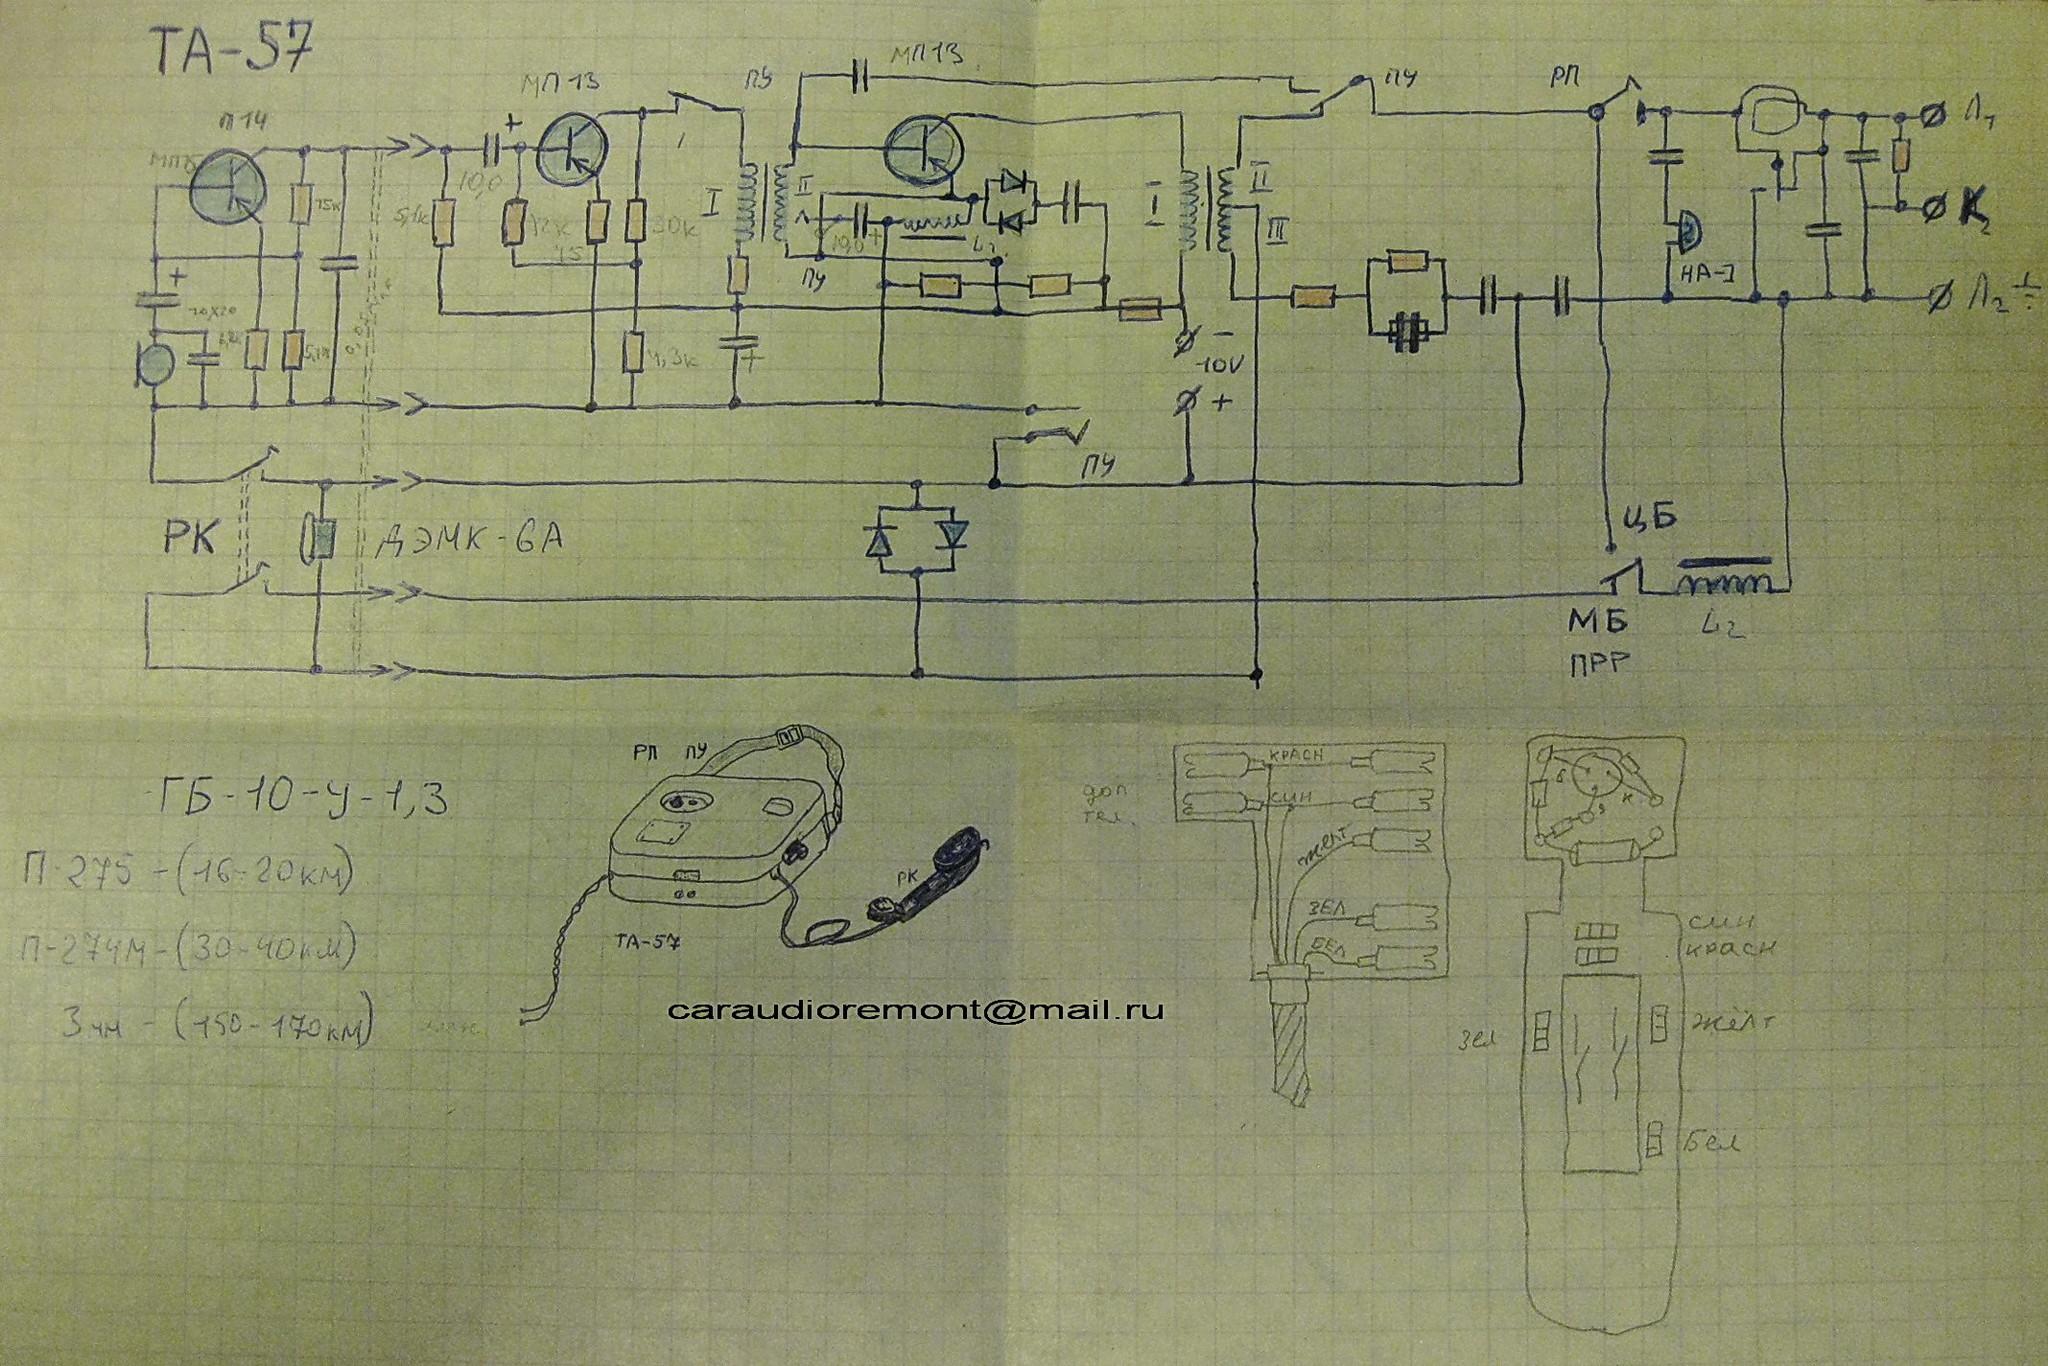 Схема телефона тас м